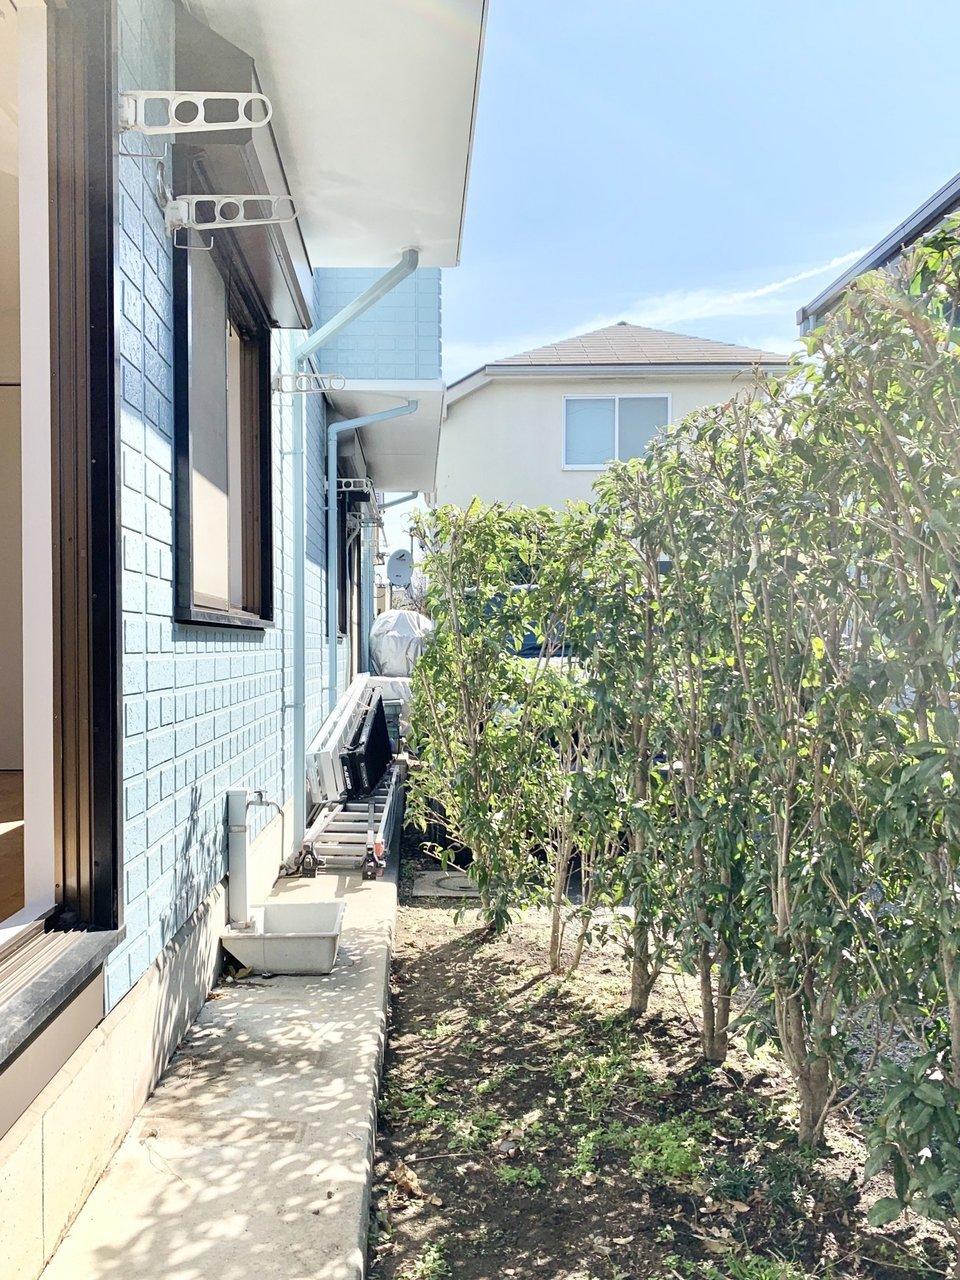 生垣に緑がたっぷりあるのもいいですね。窓を開けているとこの緑がお部屋からも見られるので、清々しく気持ちの良い暮らしができそうです。